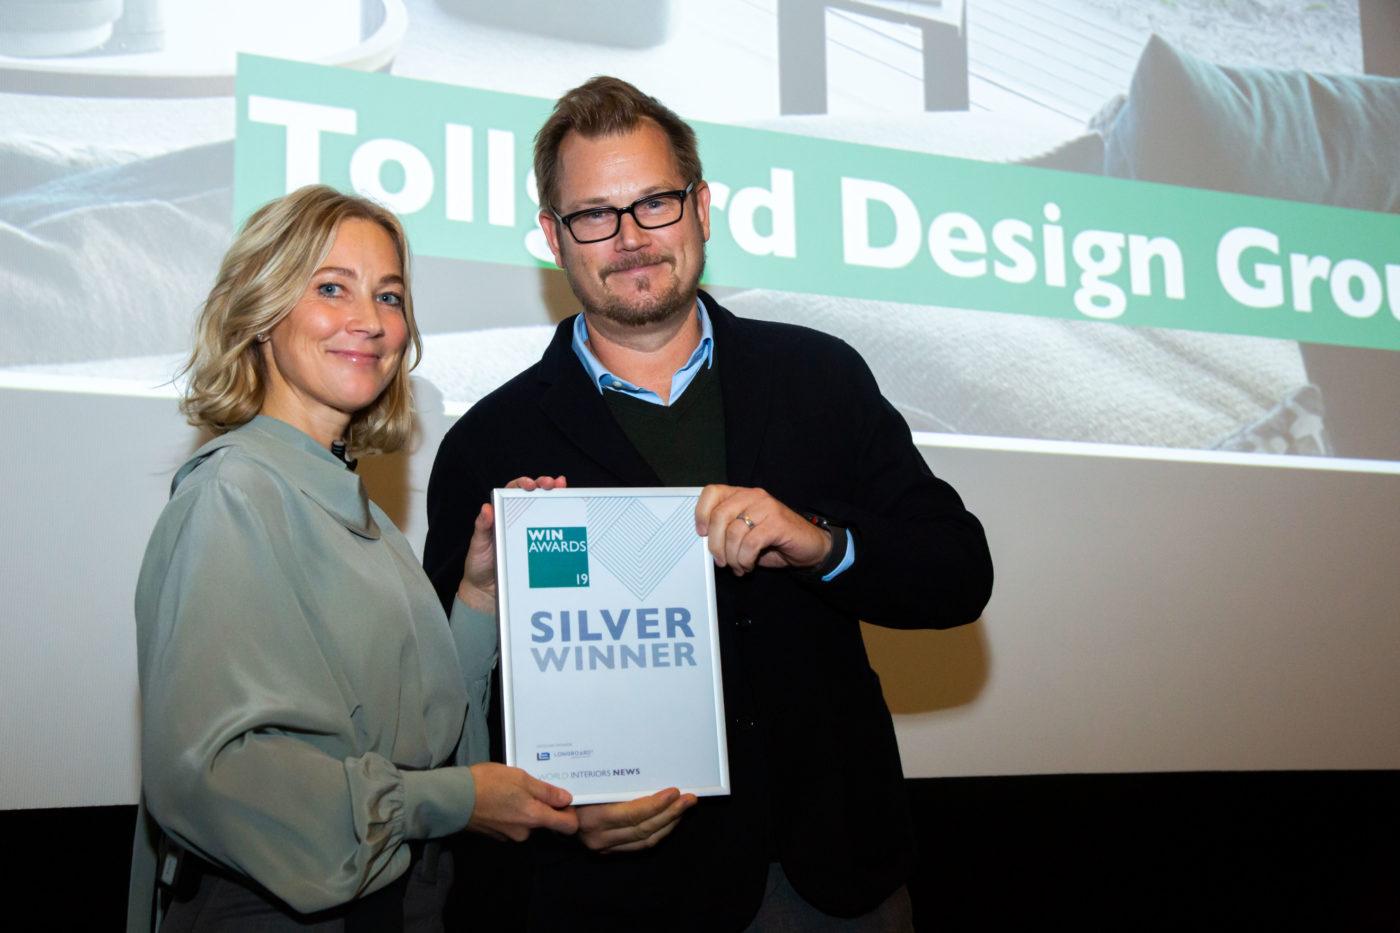 Win Wan Awards, international interior designer Staffan Tollgård